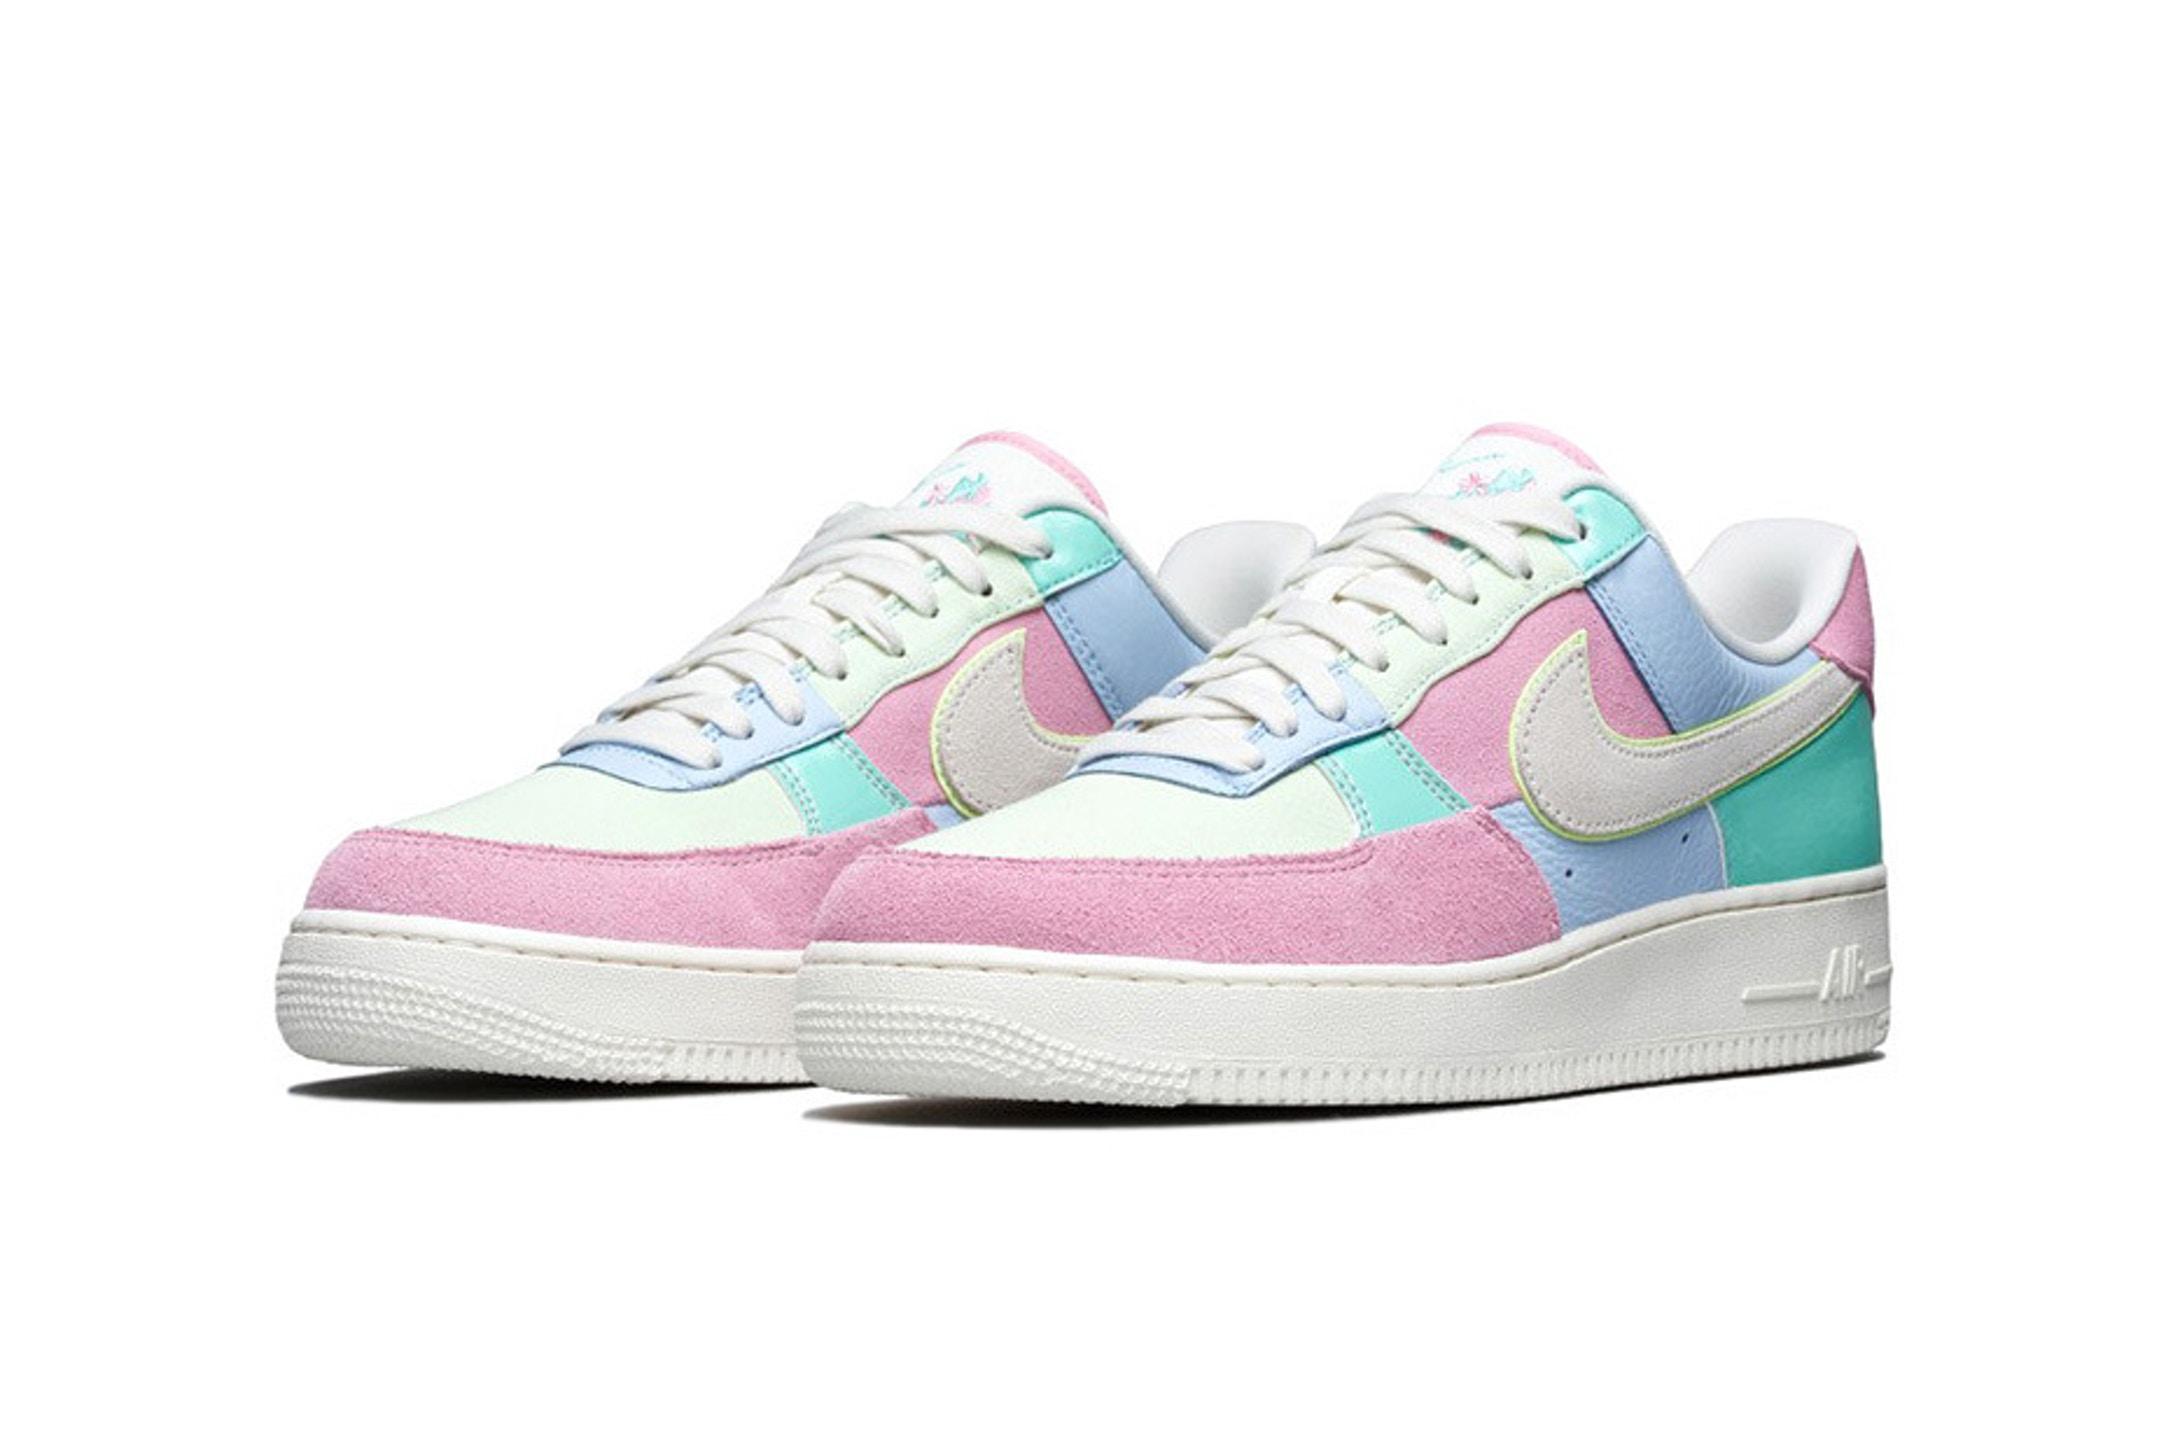 La Nike Air Force 1 pensée pour Pâques se dévoile